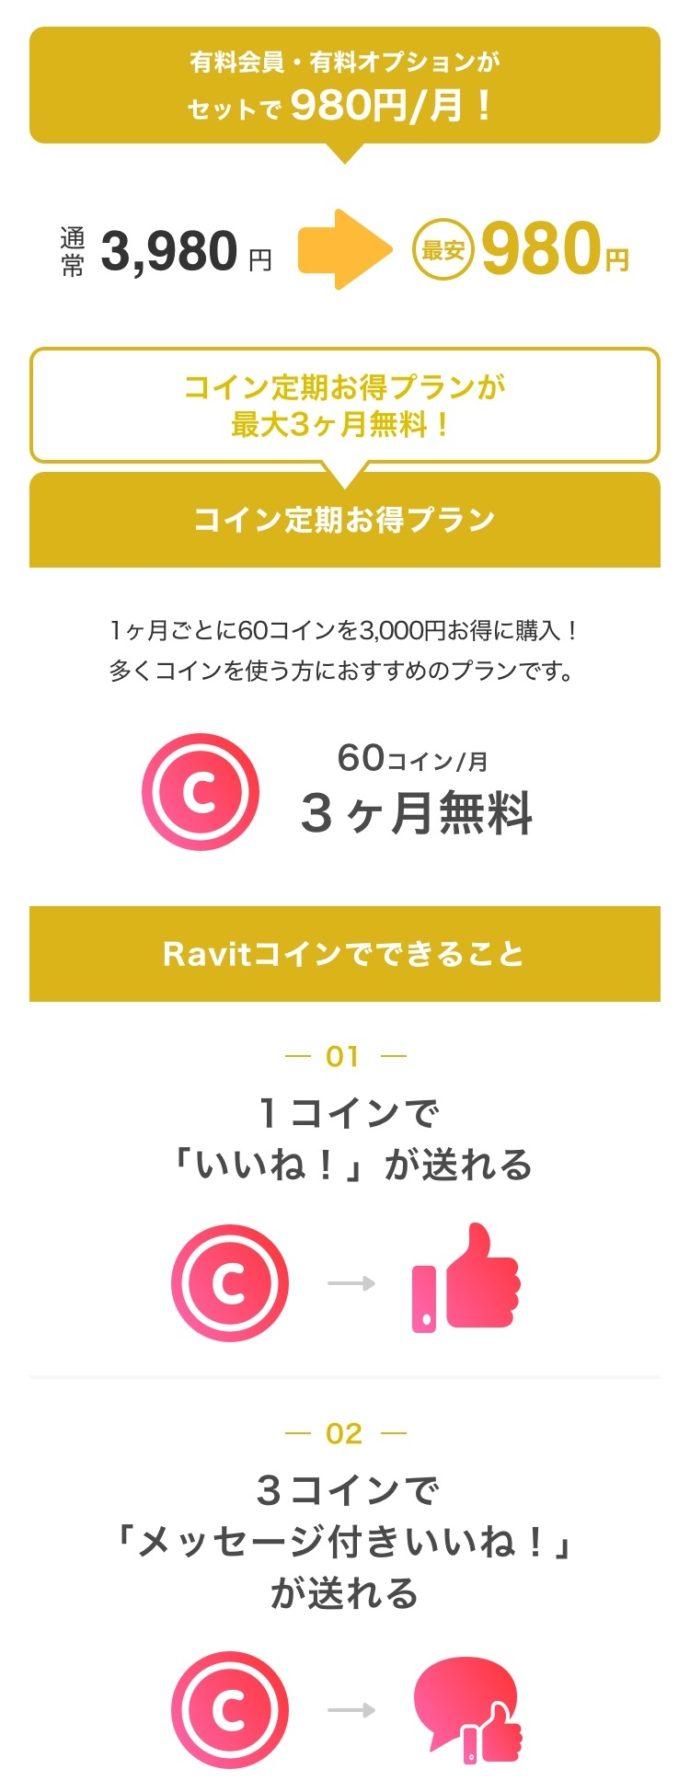 ravitキャンペーンコードの特典